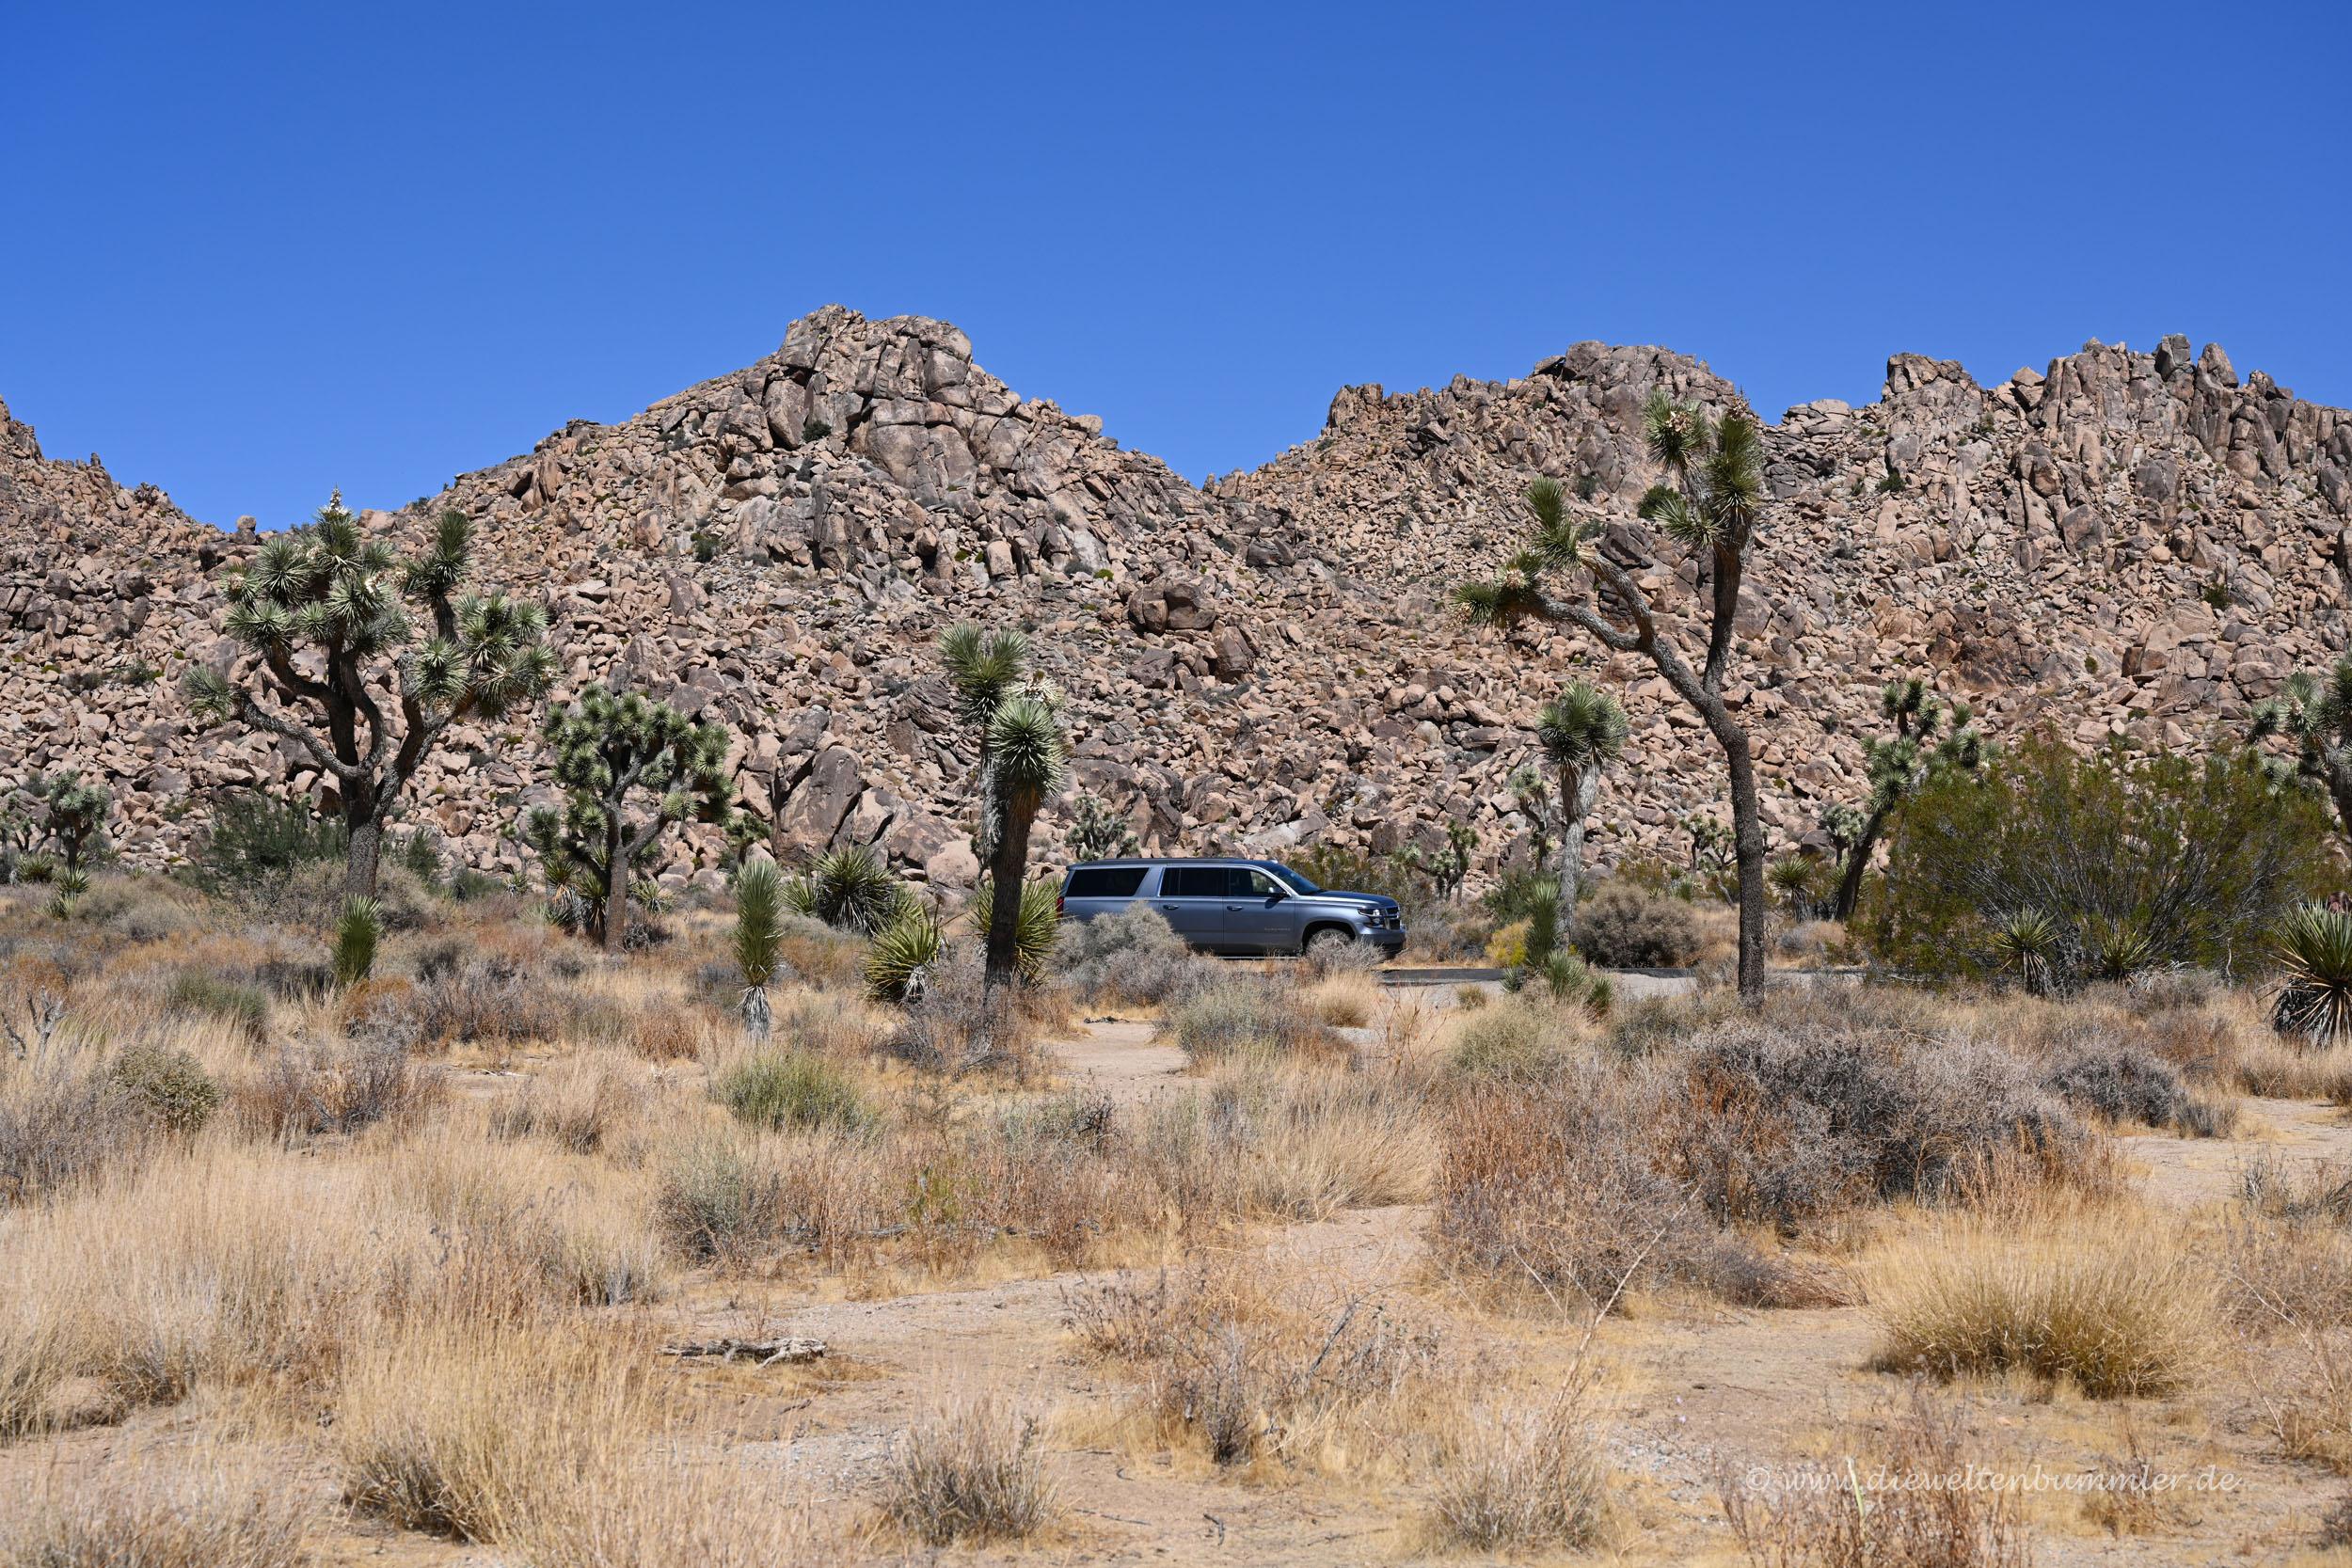 Unterwegs in der kalifornischen Wüste